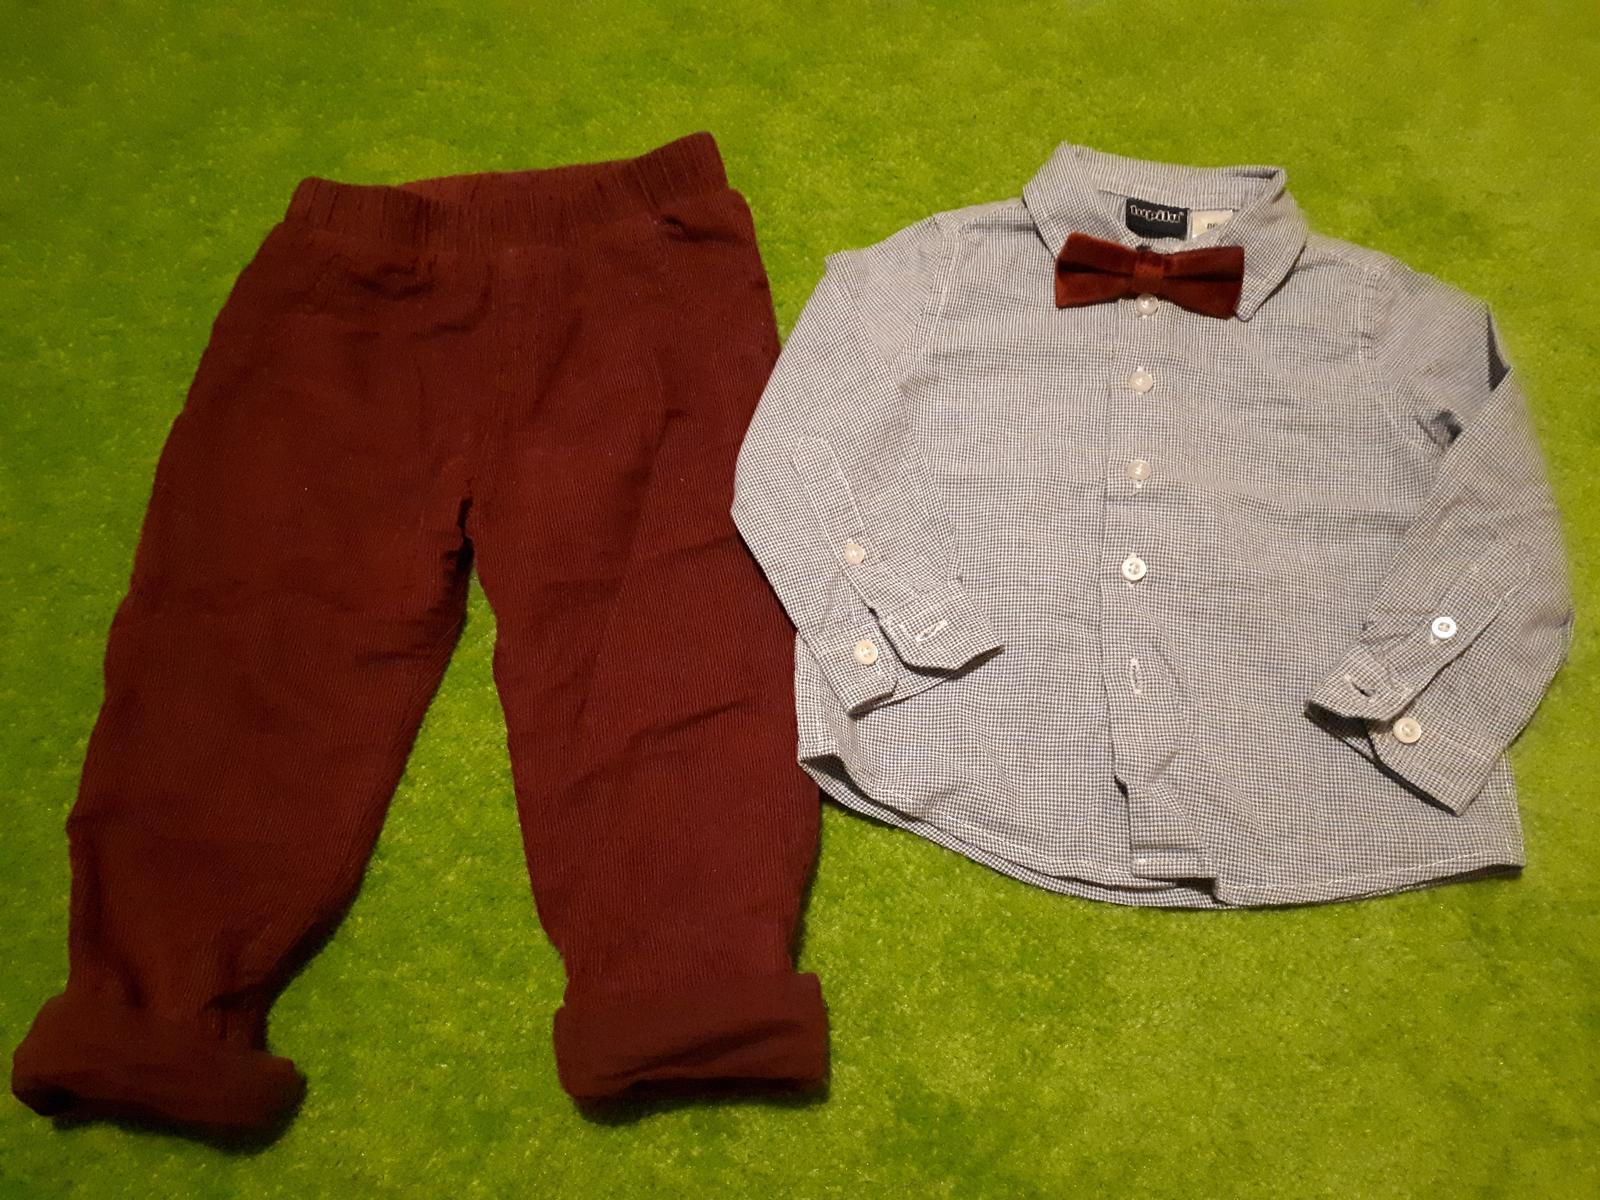 Společenský oděv (košile s motýlkem, kalhoty) - Obrázek č. 1